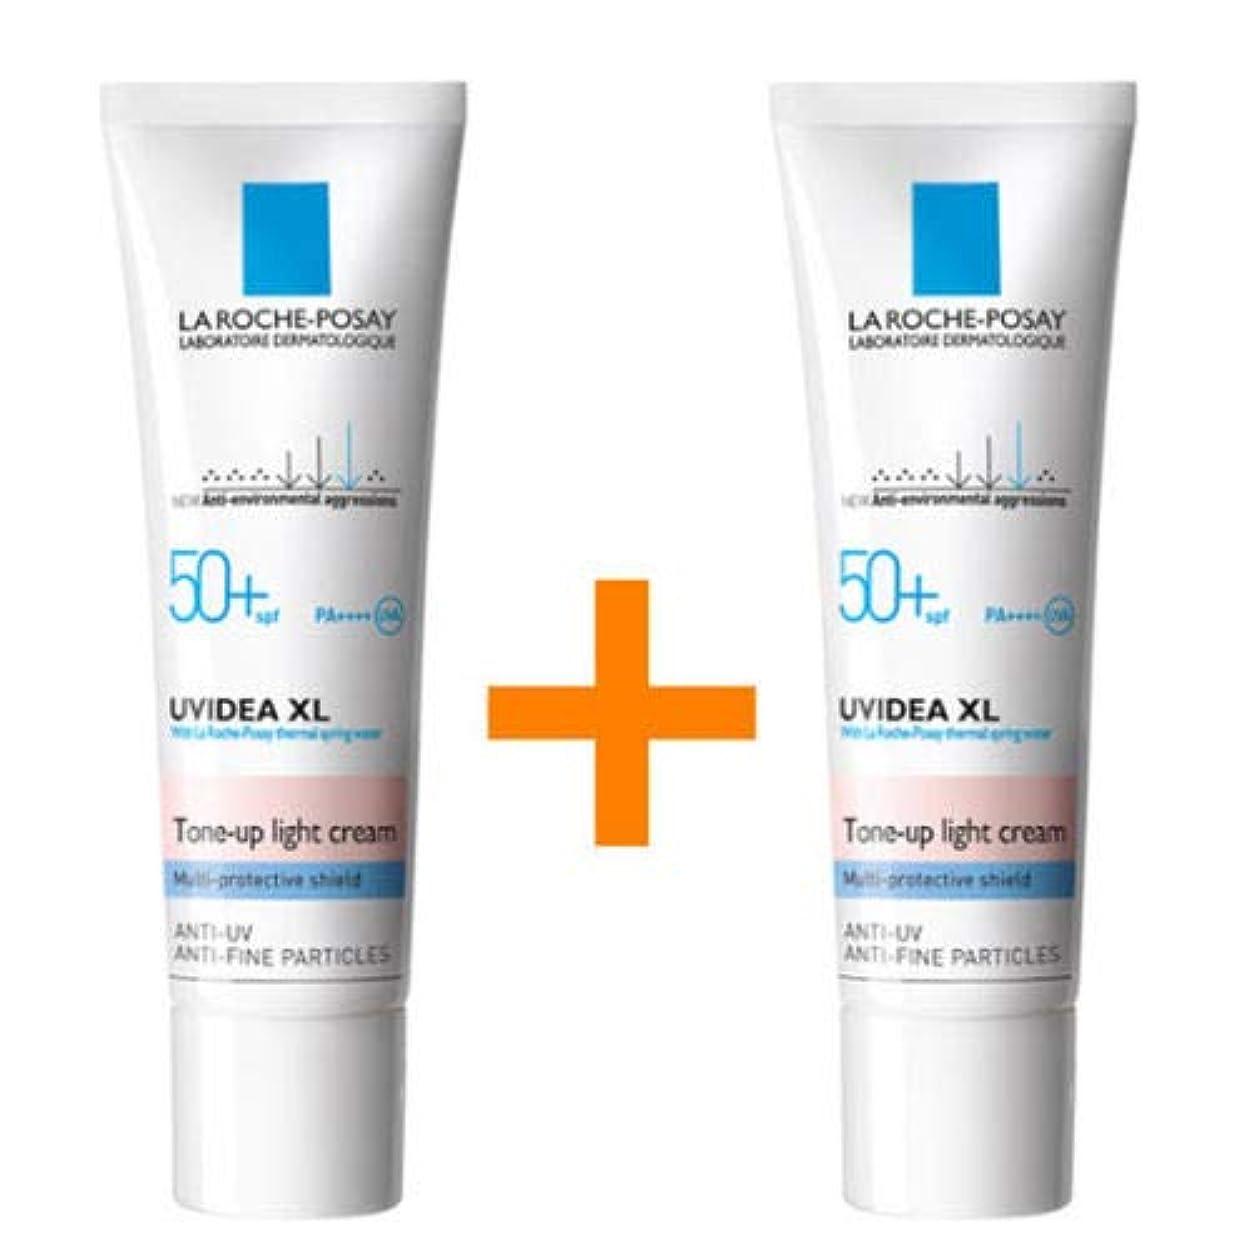 学習達成除外する[1+1] La Roche-Posay ラロッシュポゼ UVイデア XL プロテクショントーンアップ Uvidea XL Tone-up Light Cream (30ml)